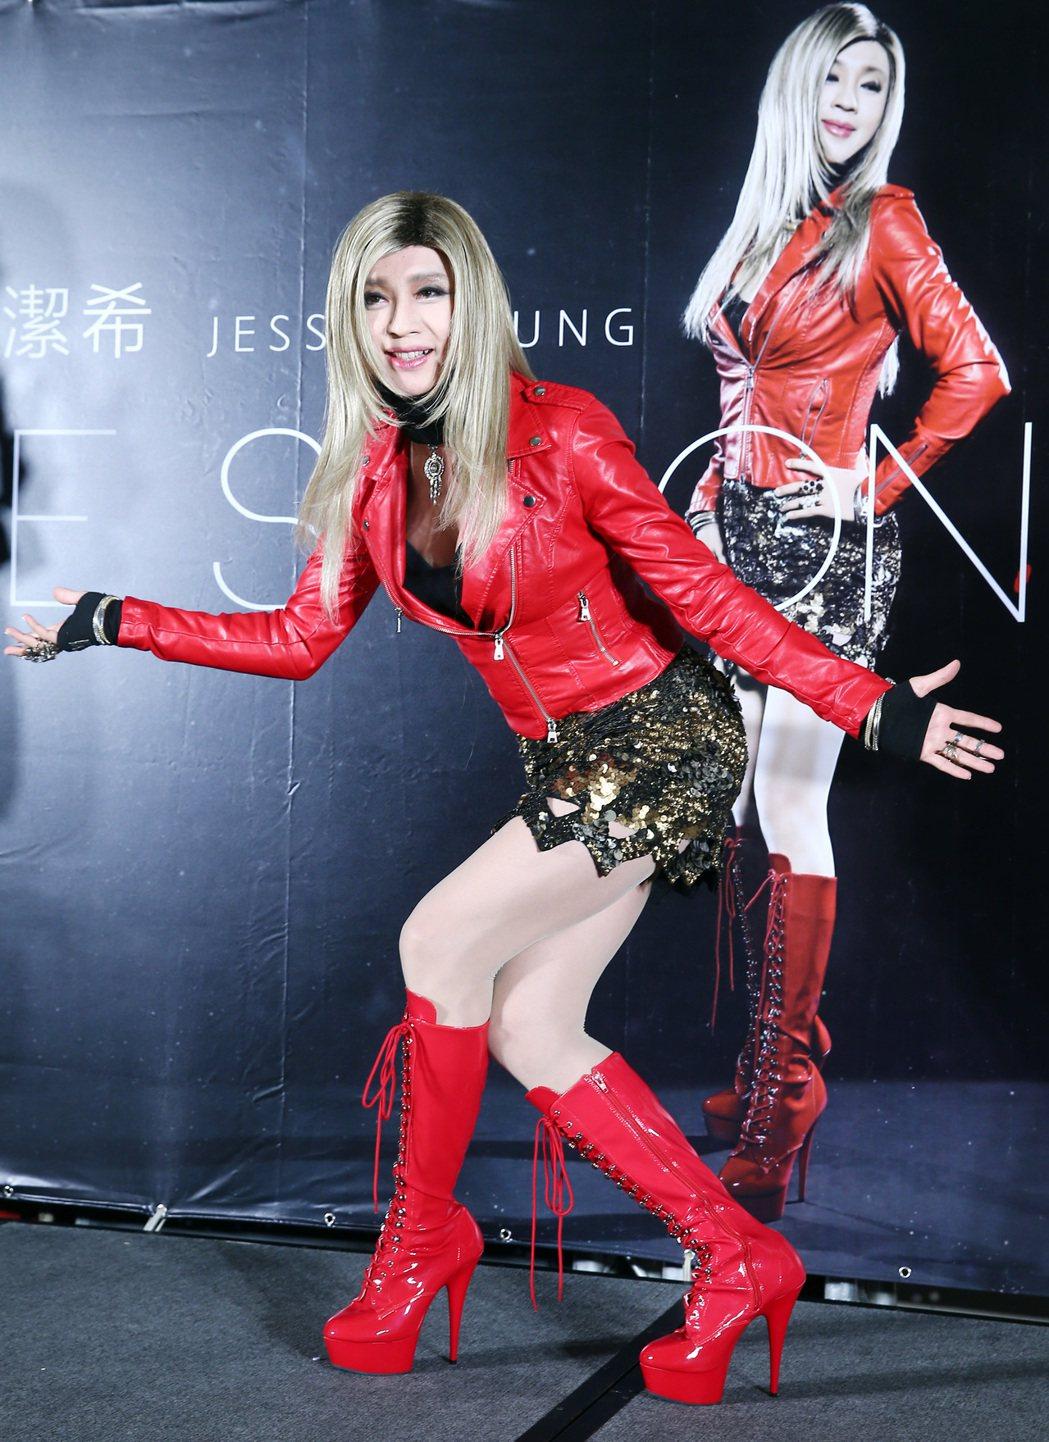 大馬歌手鍾潔希來台推出「BE STRONG 堅強」英文專輯。記者杜建重/攝影